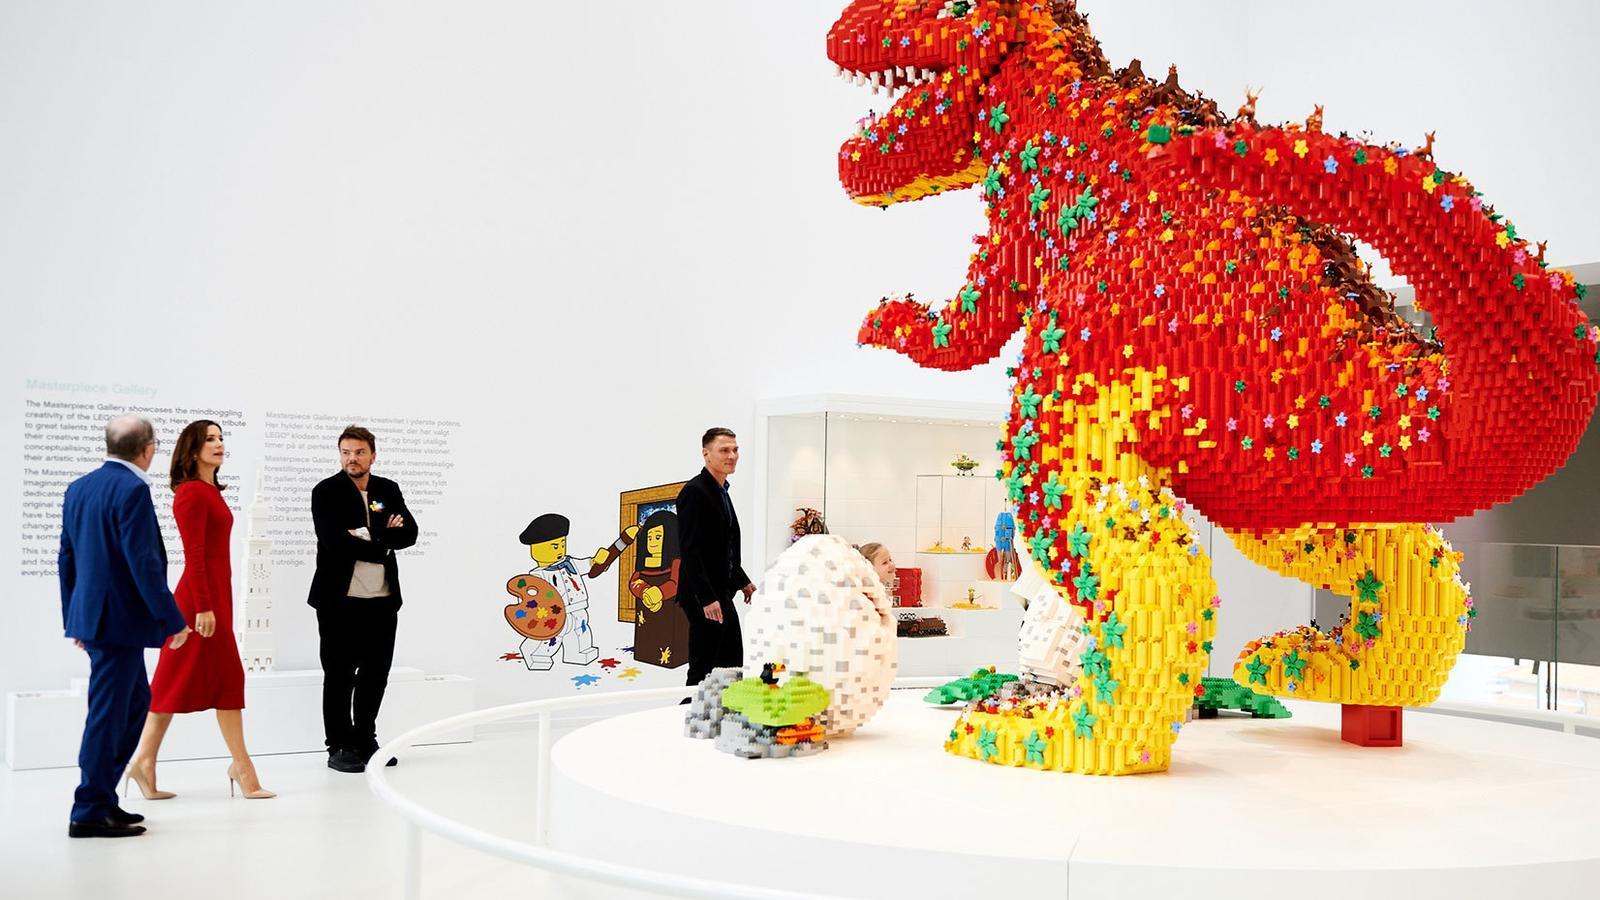 Imatge de la seu de Lego a Billund, Dinamarca.